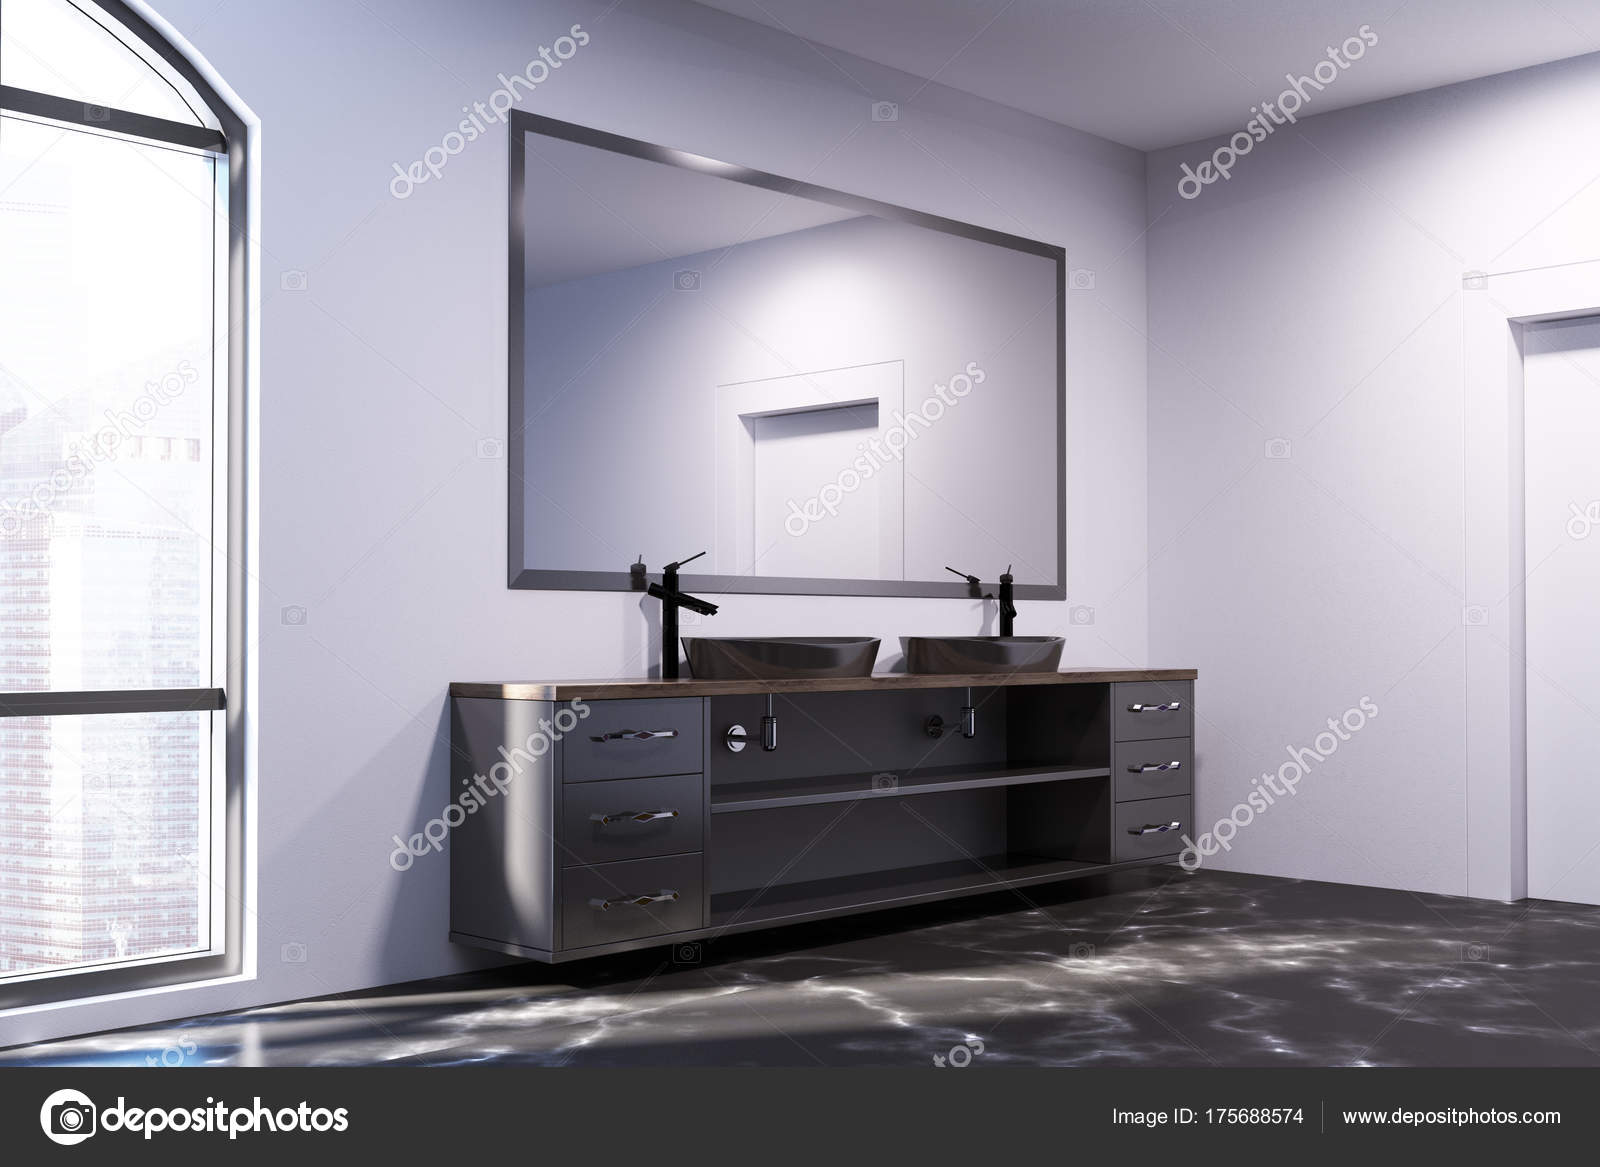 Marmeren Badkamer Vloer : Zwarte marmeren badkamervloer dubbele wastafel u stockfoto